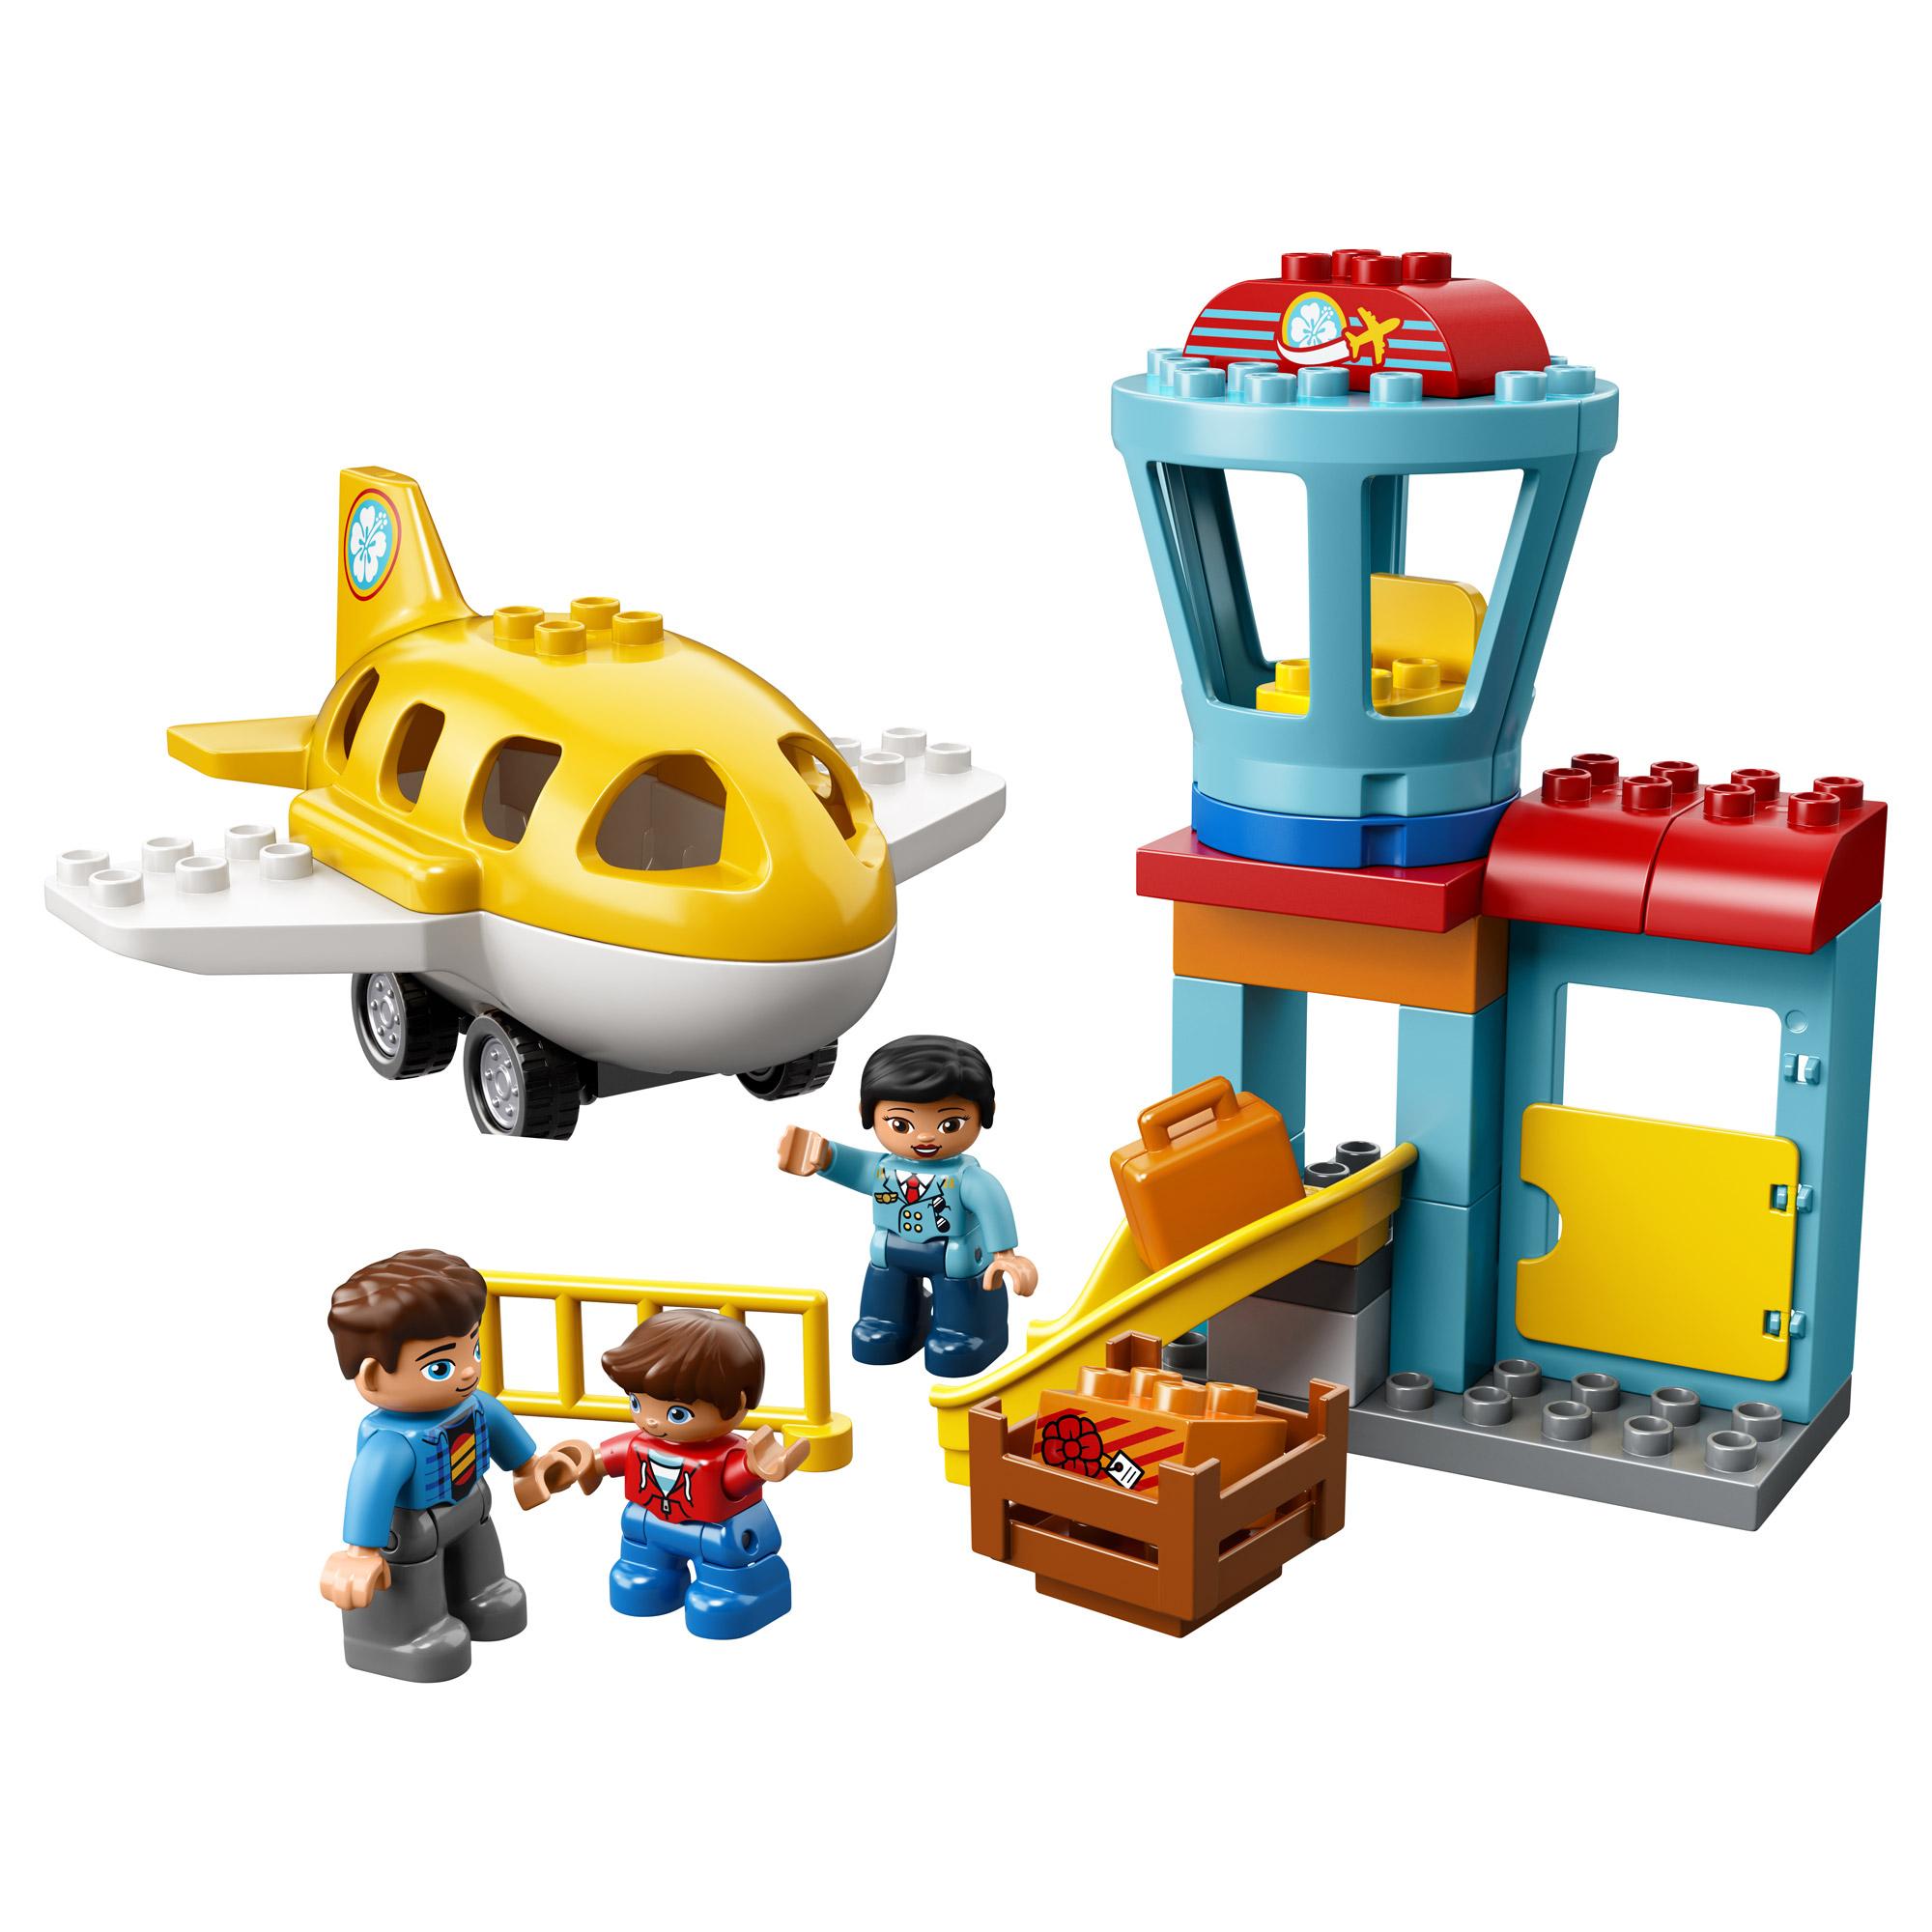 L'aéroport Lego® Multicolore De Duplo®Jouets D'activitésAubert dCxBoe